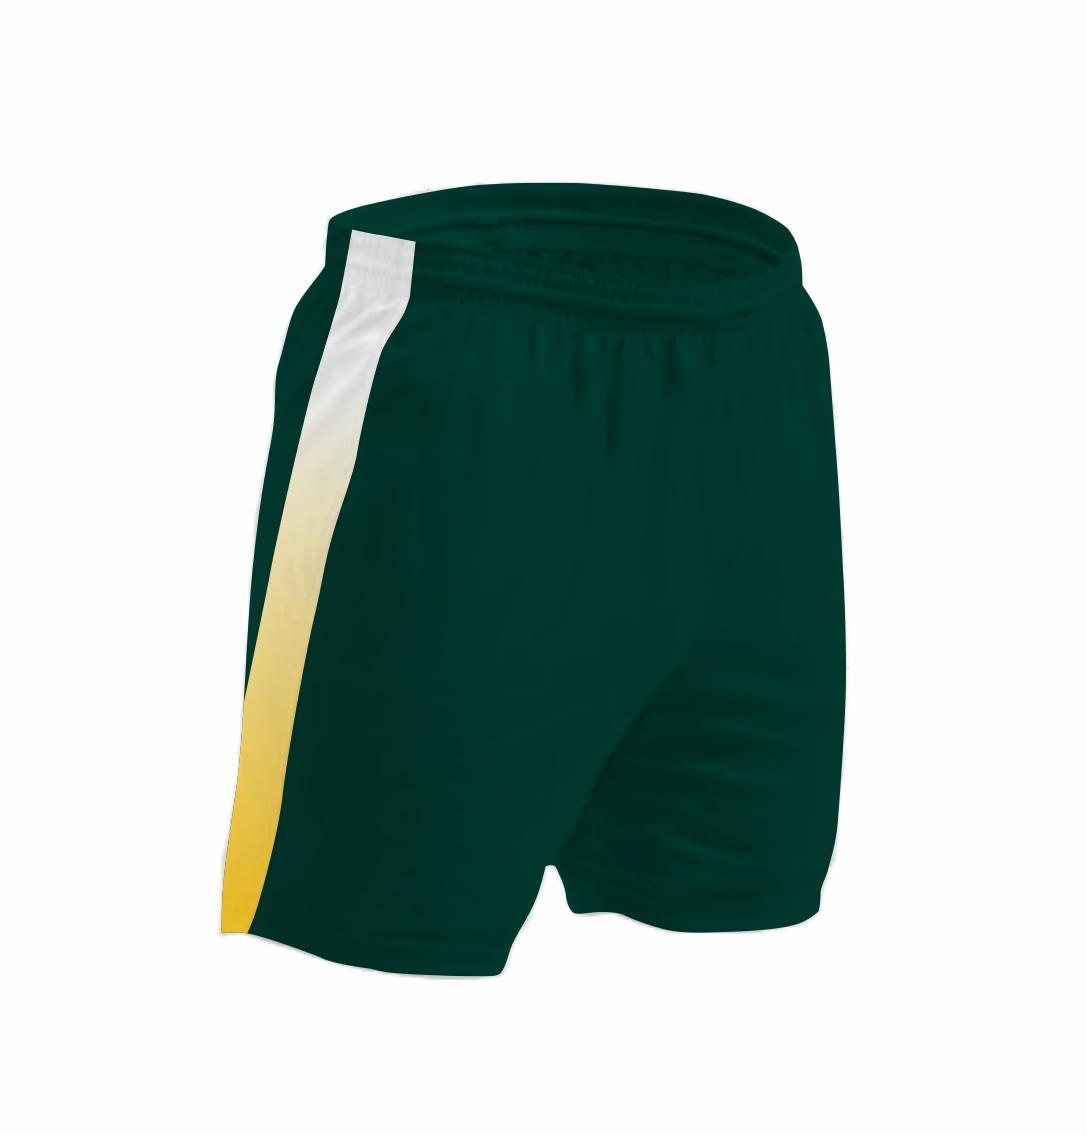 Sublimated  - Zuco shorts - RINSUBM4